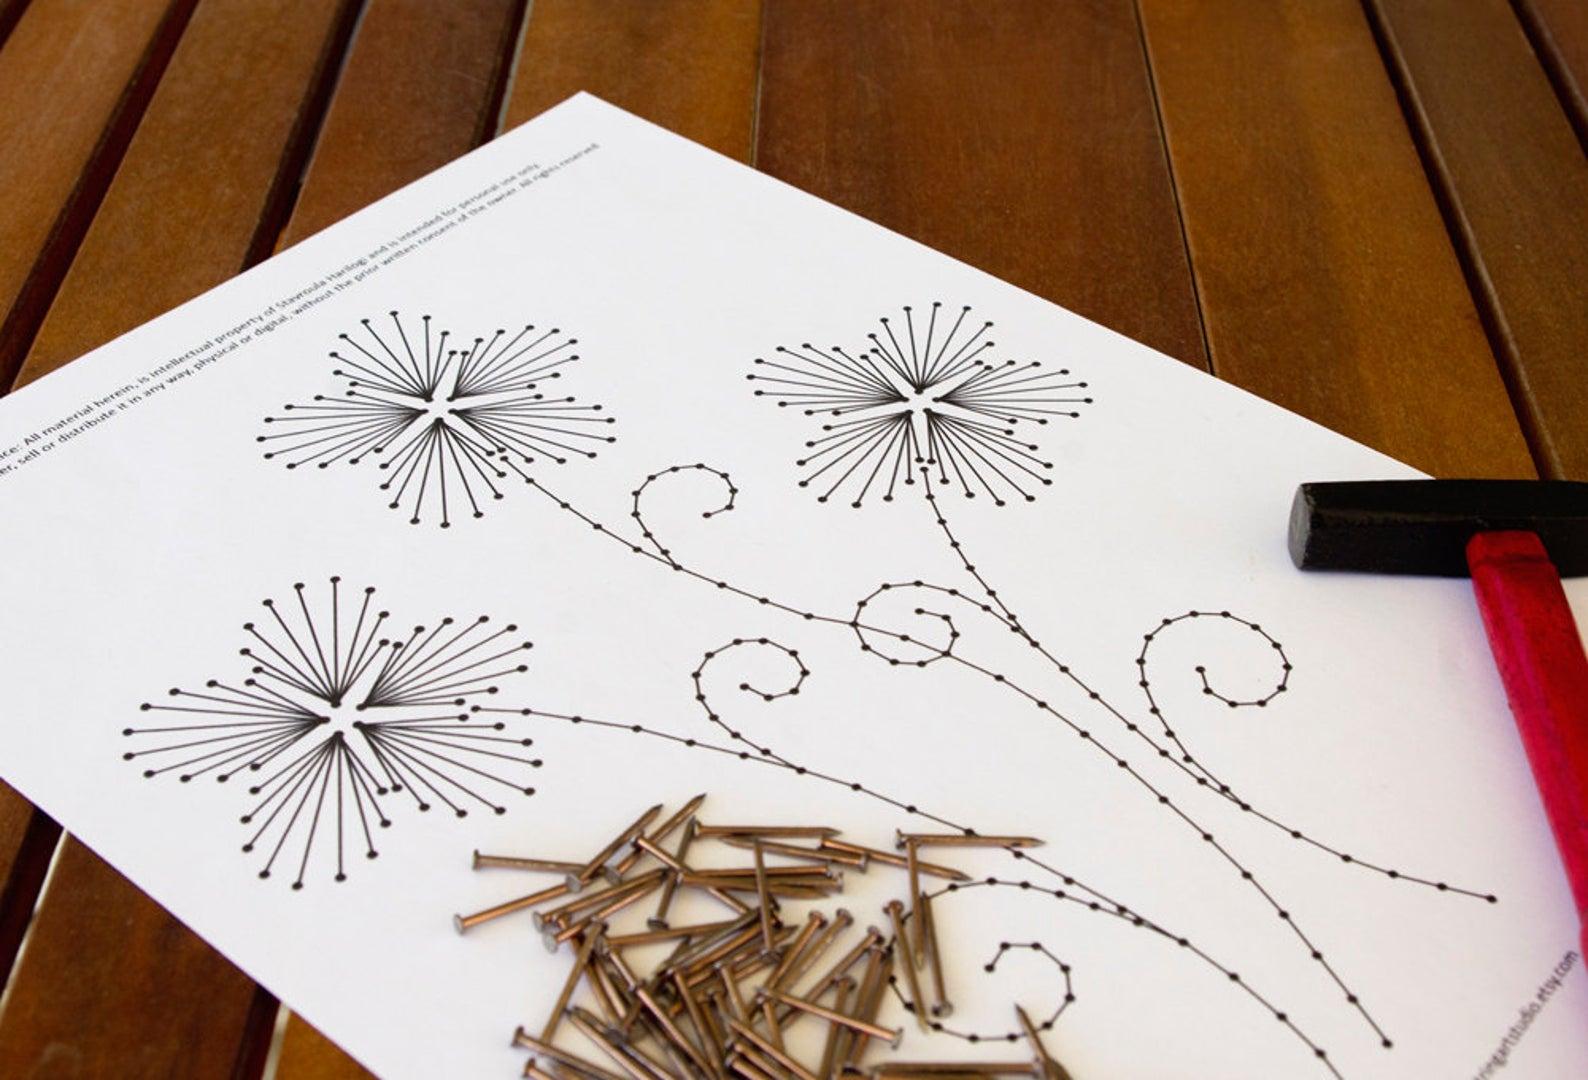 Стринг-арт: мастер-классы для начинающих, эскизы и схемы на фото